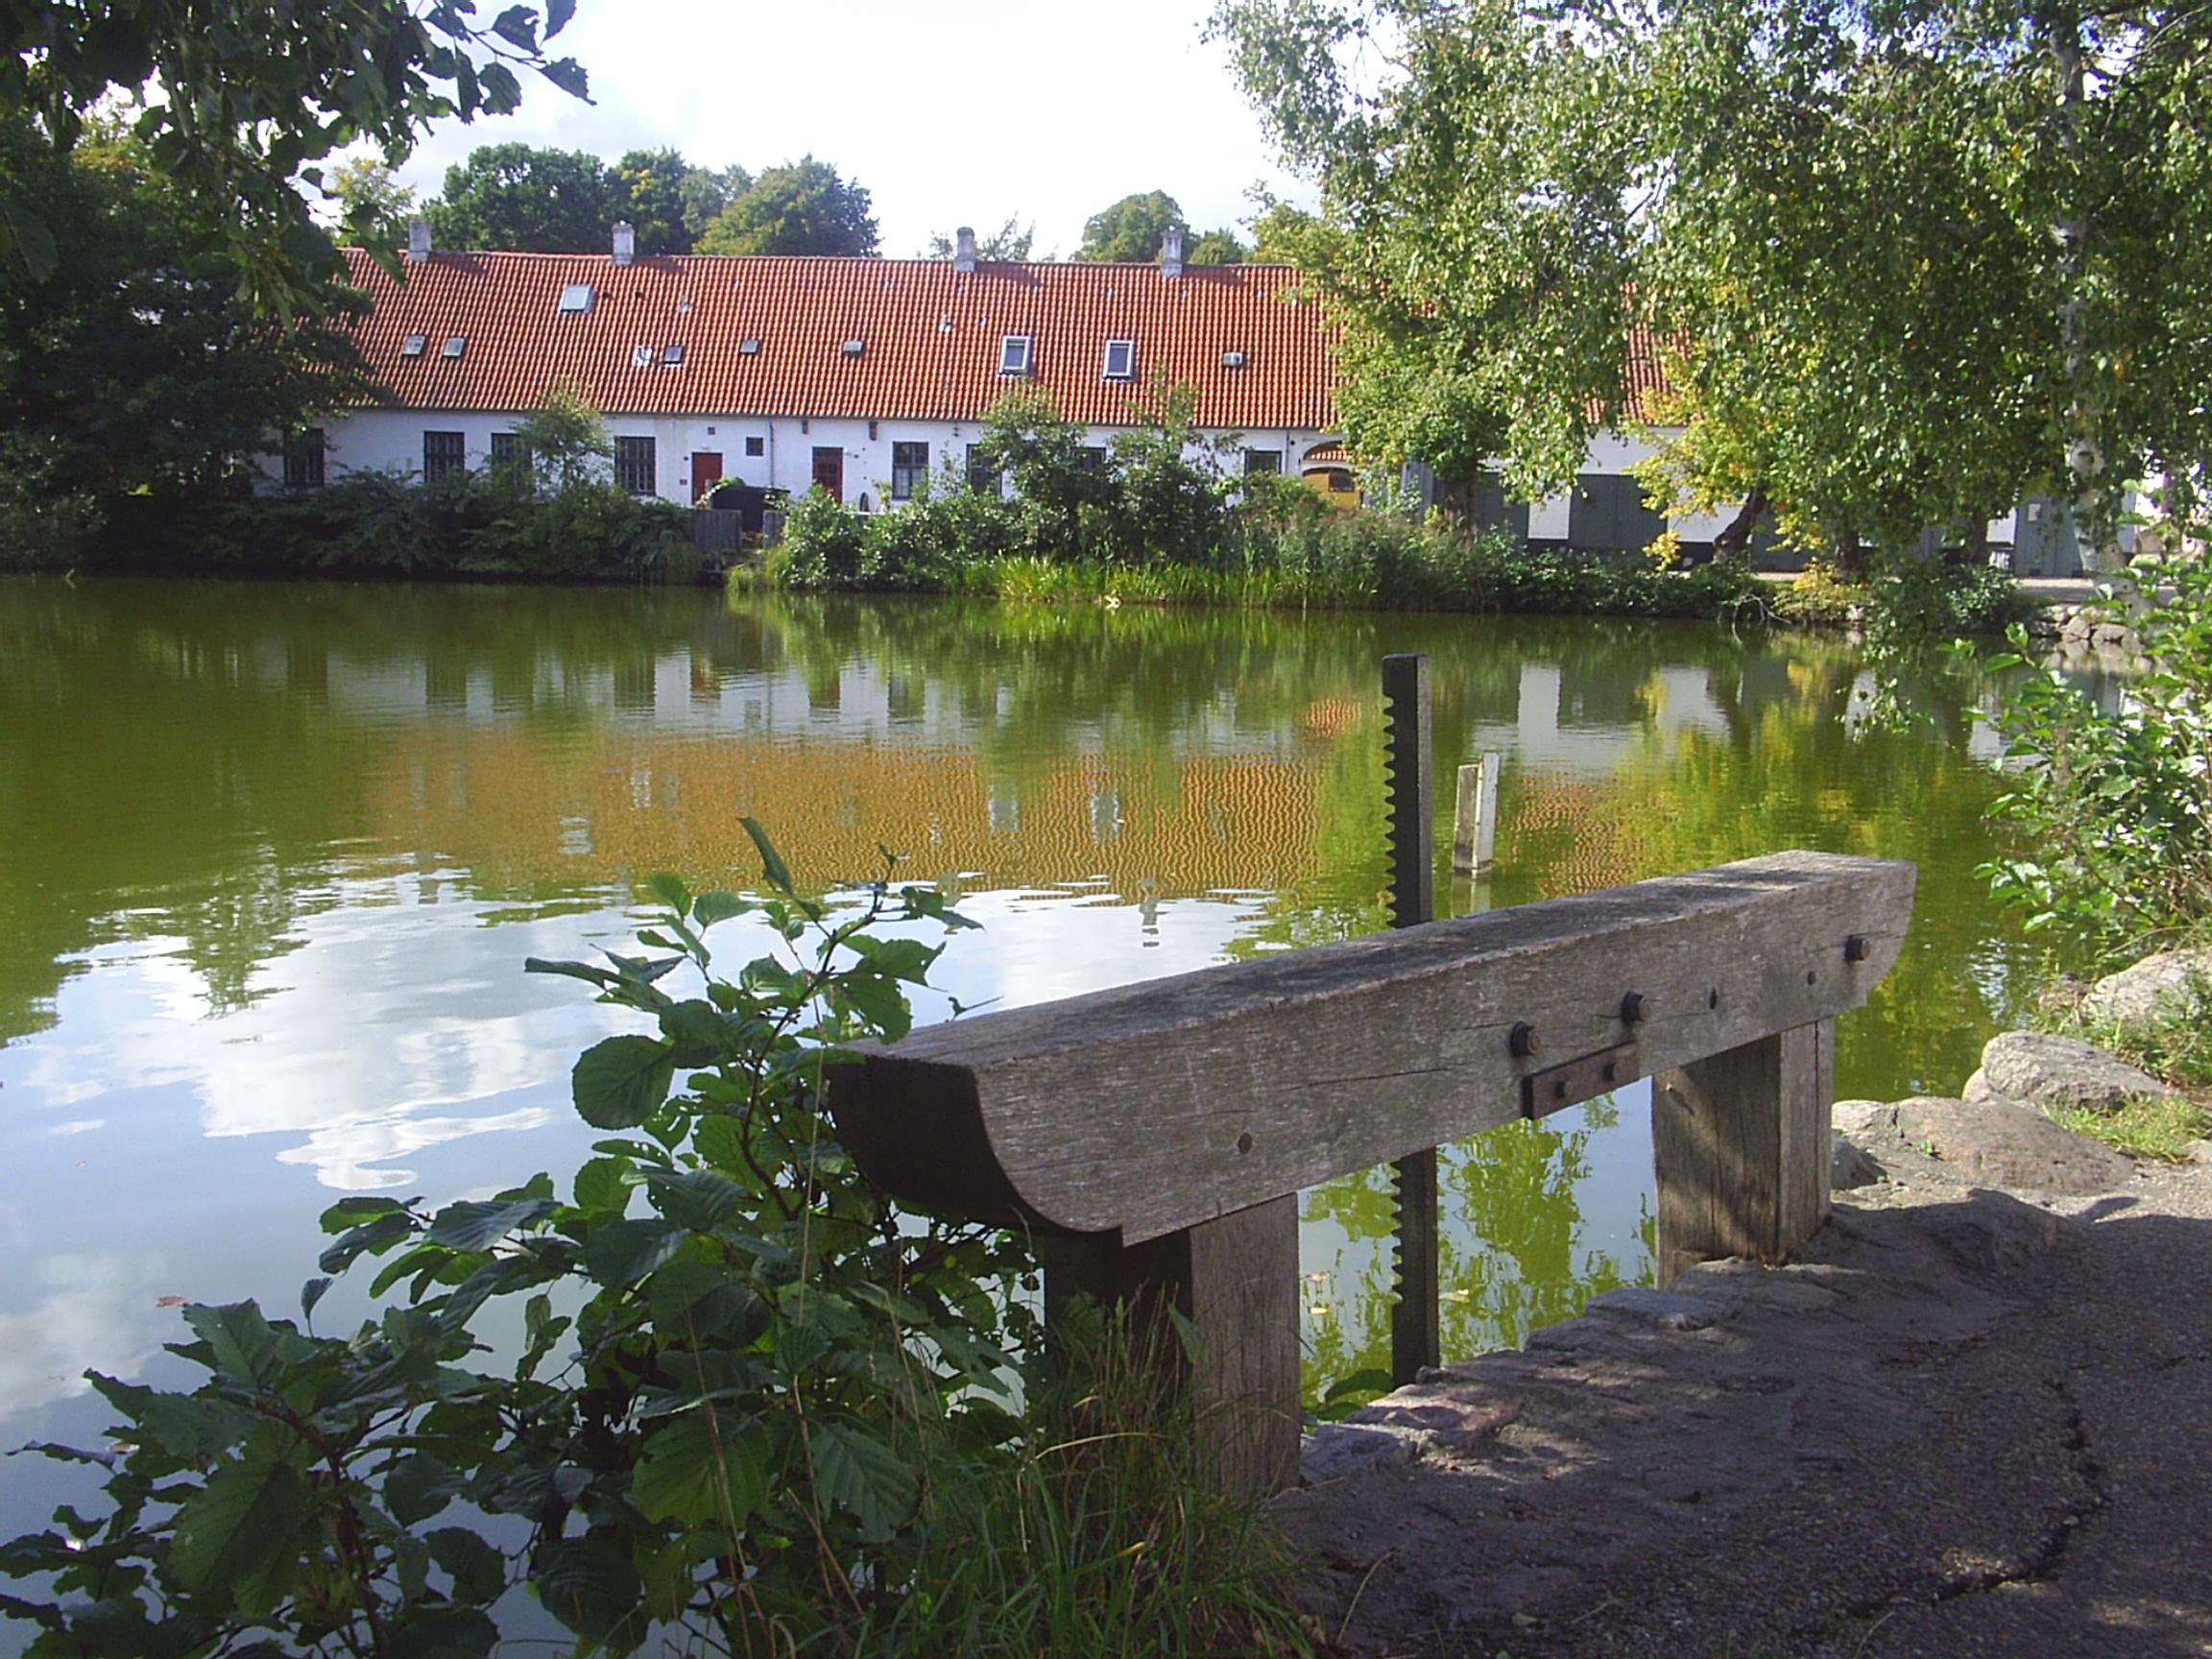 Brede, Mølleådalen. Foto: Sept. 2008